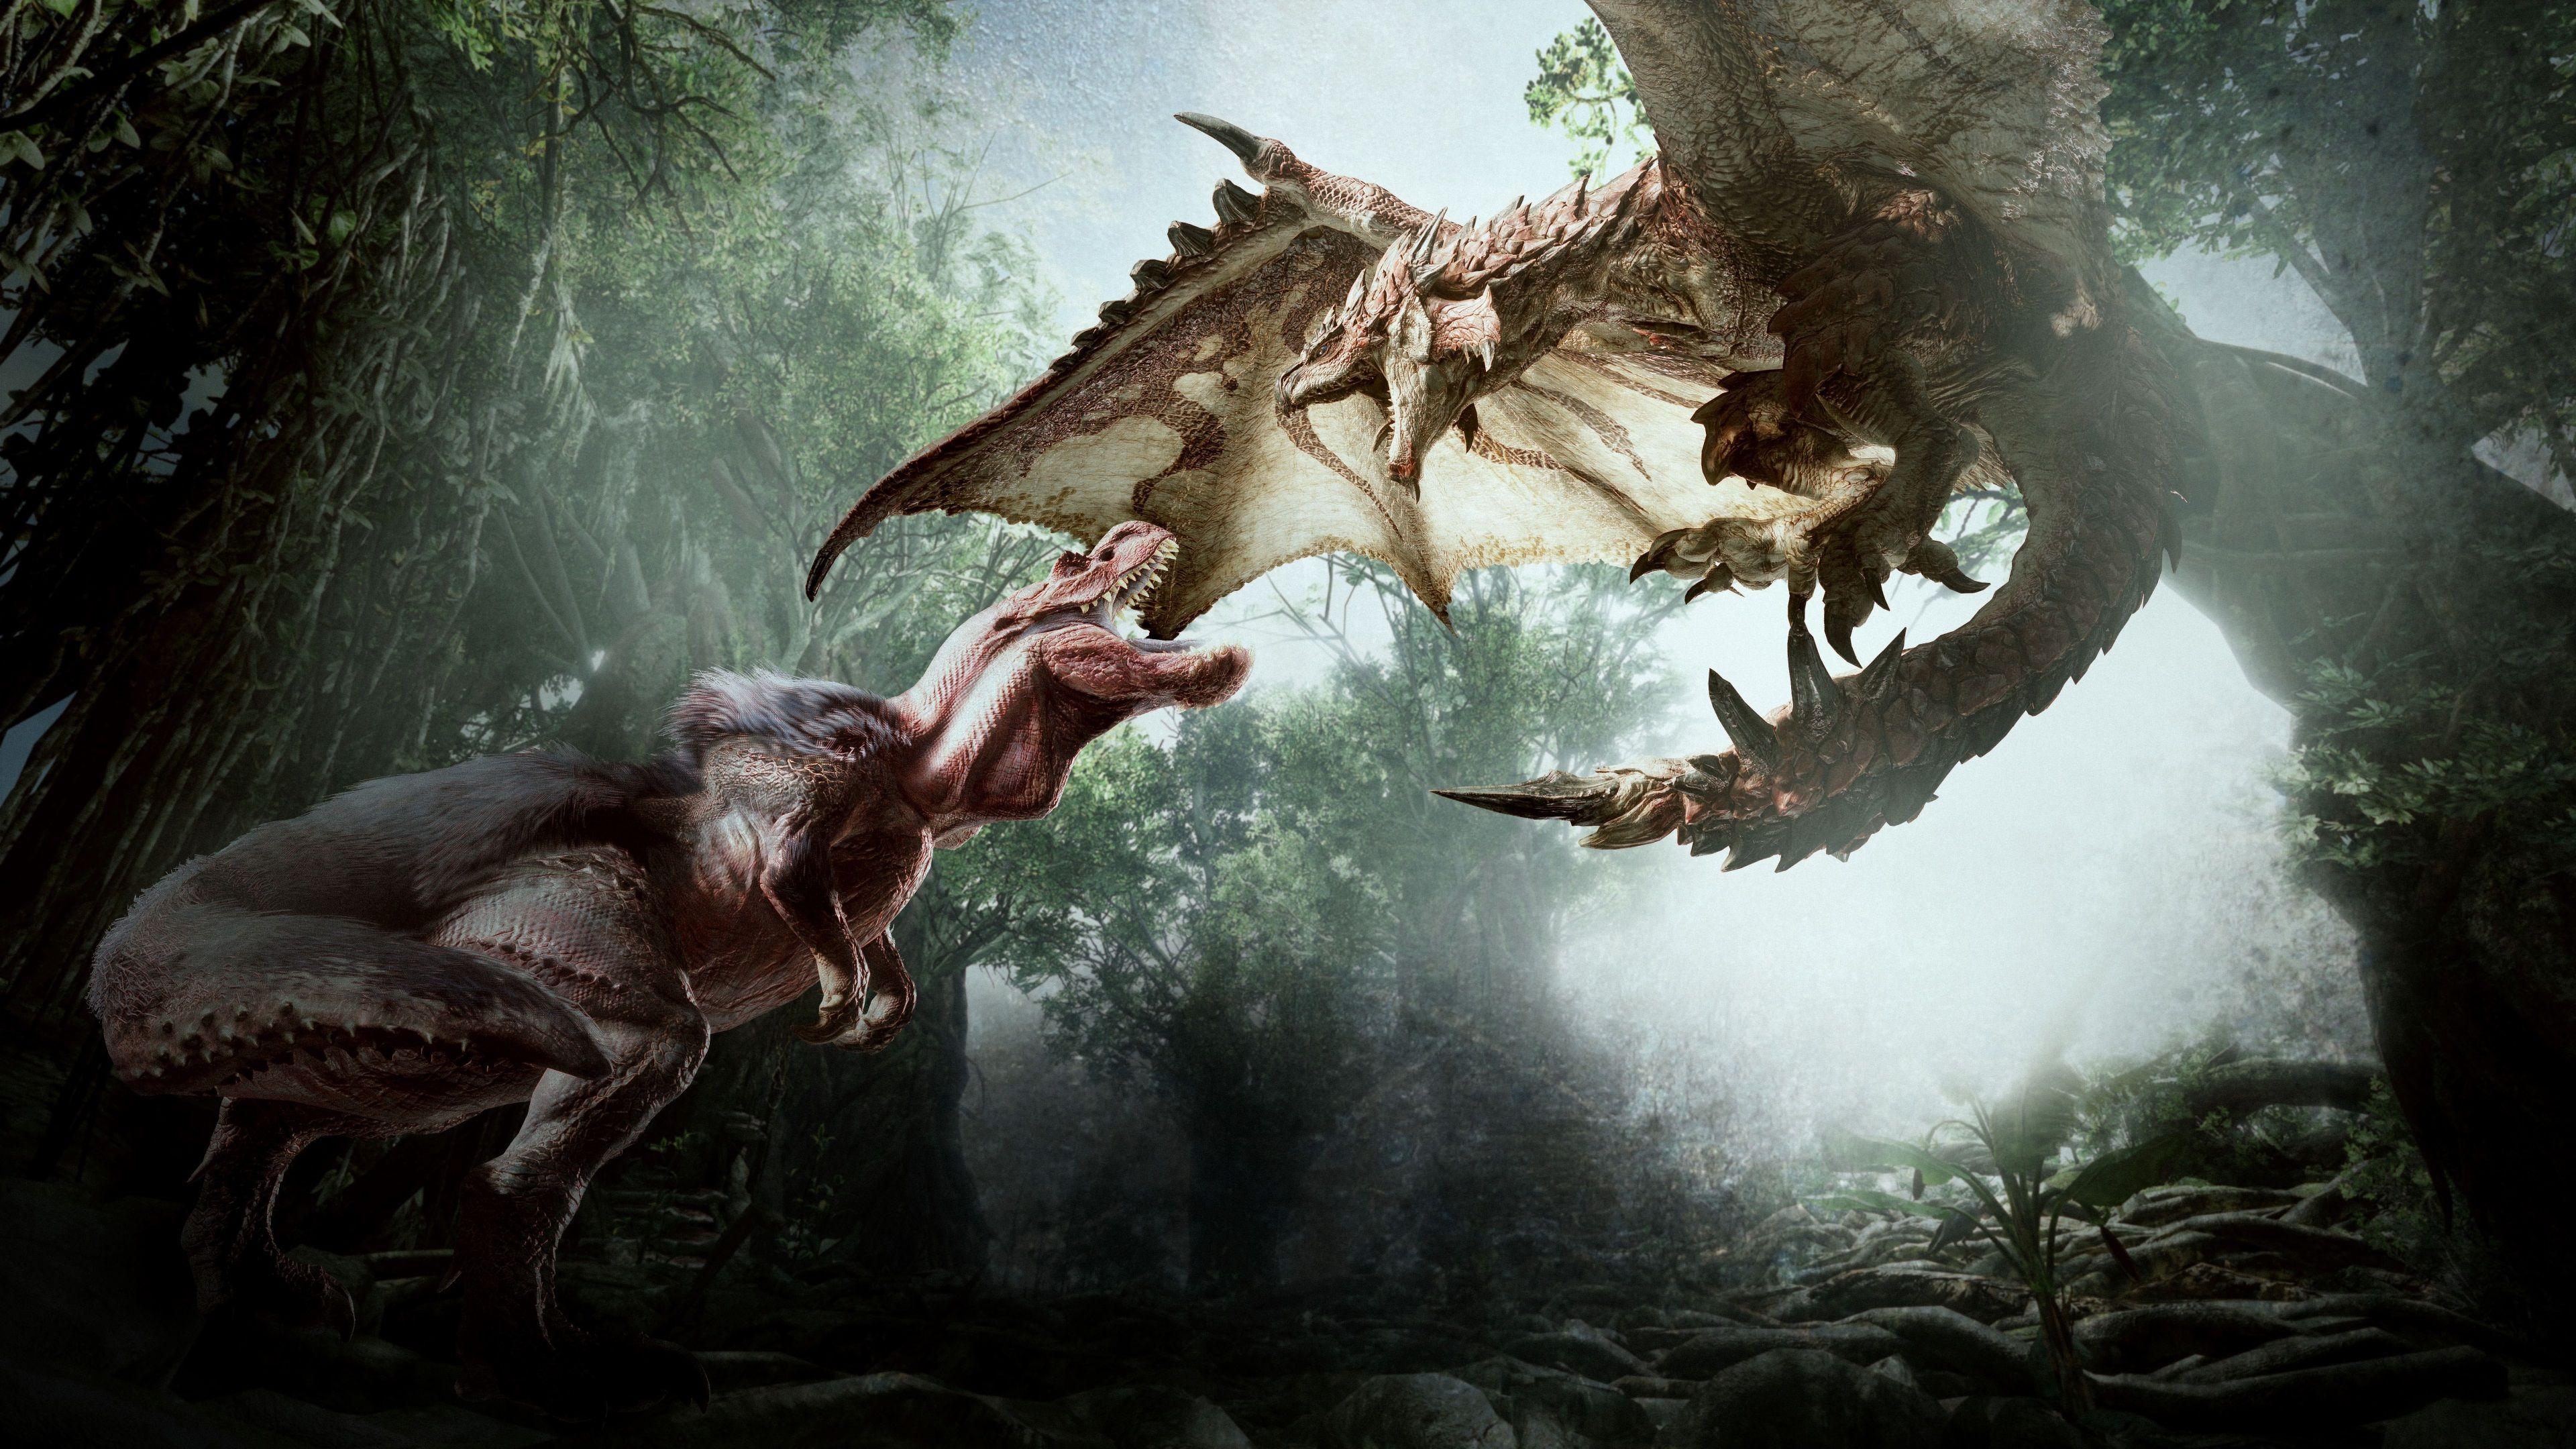 3840x2160 monster hunter world 4k free download wallpaper for pc hd | Monster hunter world ...